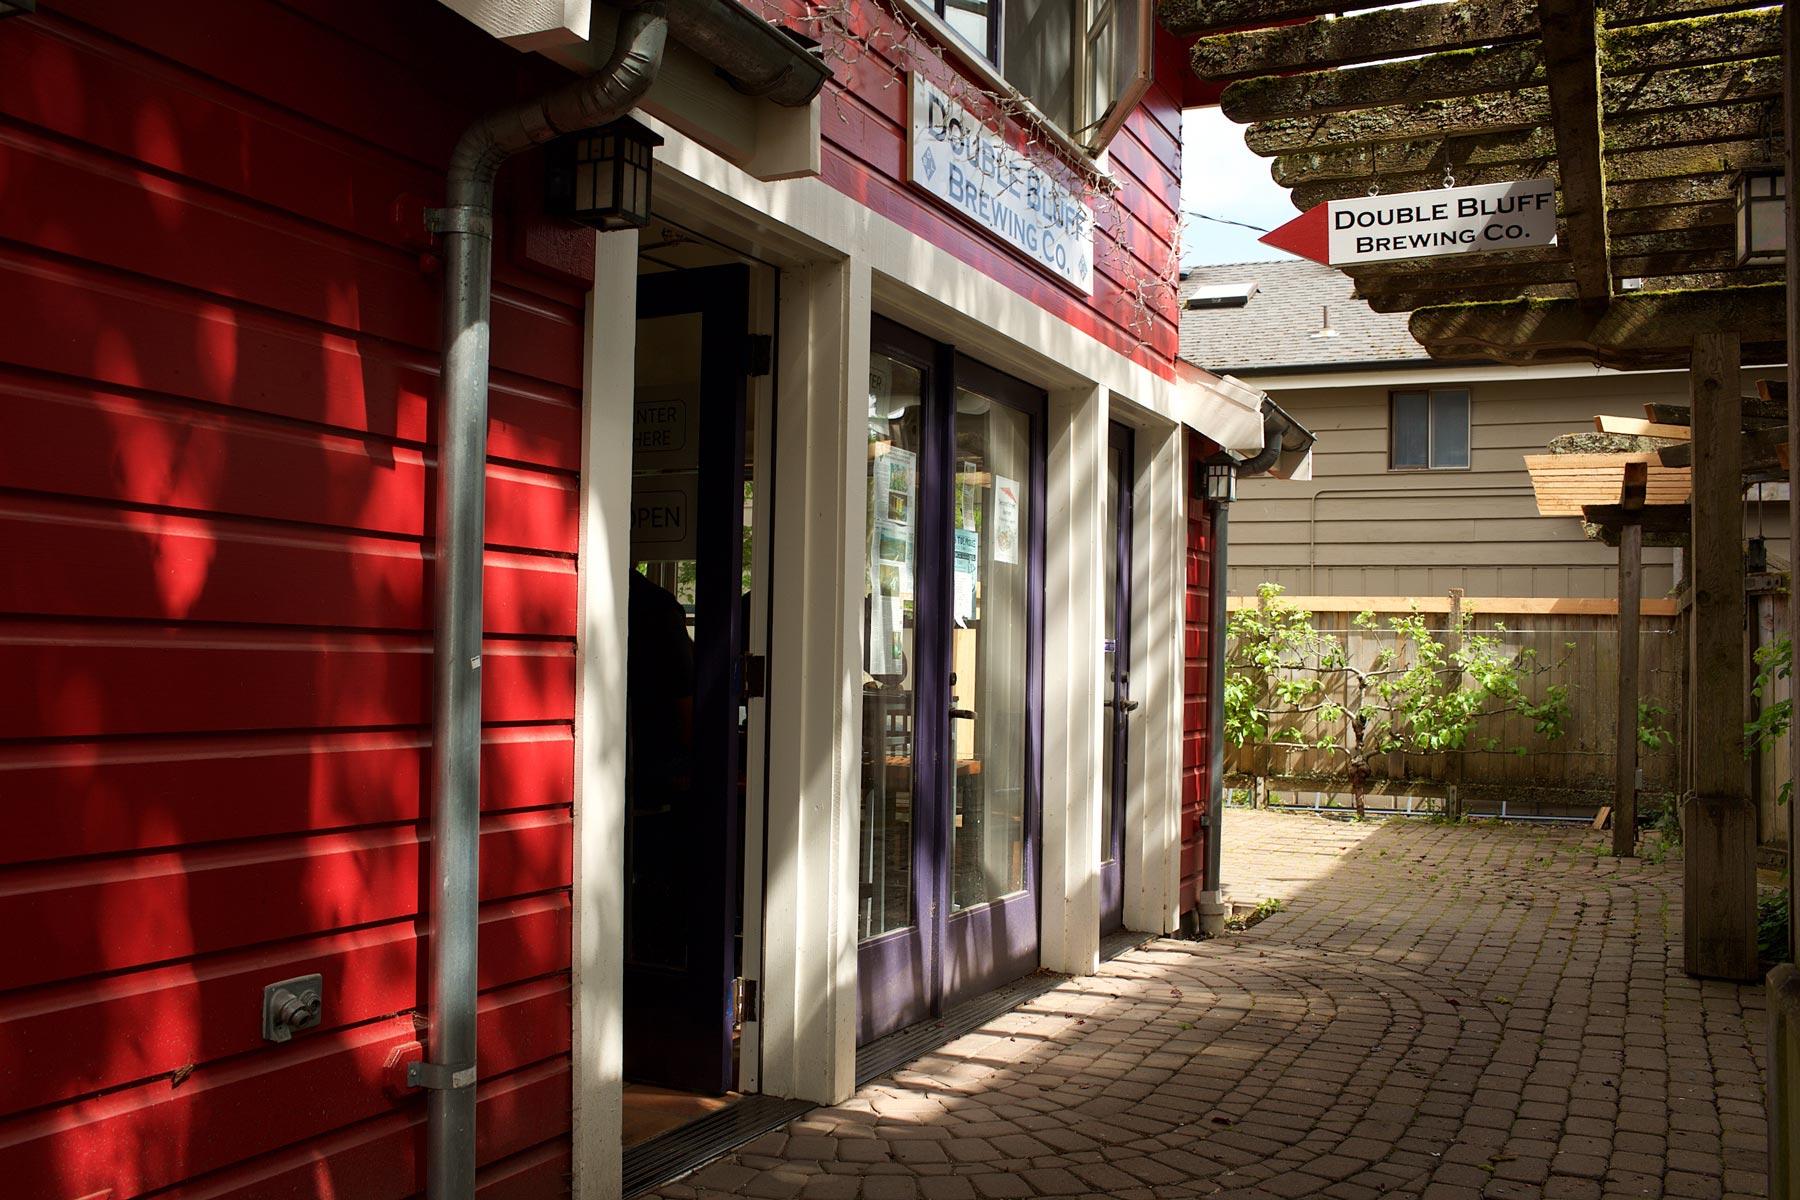 Double Bluff Brewing Company on Langleyn toistaiseksi ainoa panimo. Perustaja Daniel Thomis harjoitteli oluenvalmistusta kotona 20 vuotta. (c) Alex Kampion/tripsteri.fi